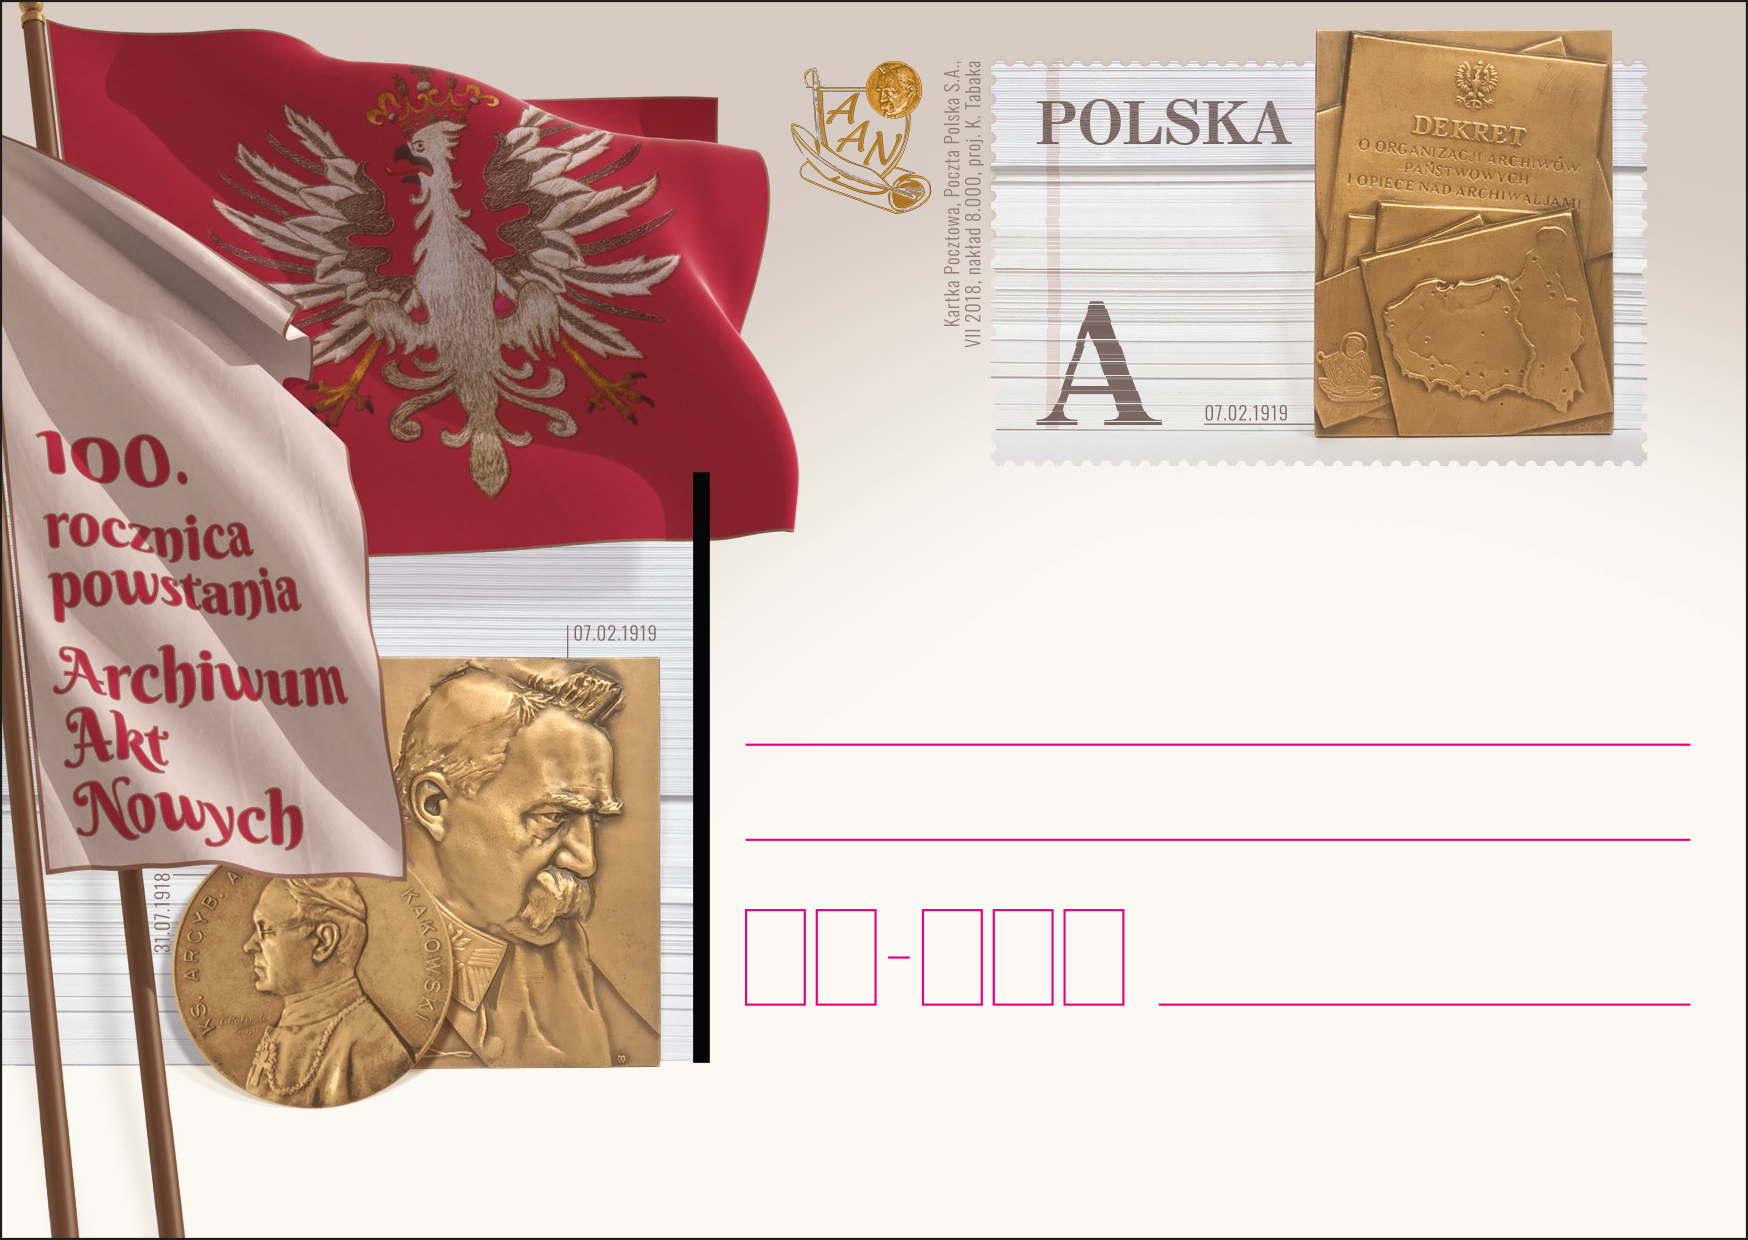 波兰7月31日发行新档案100周年邮资片